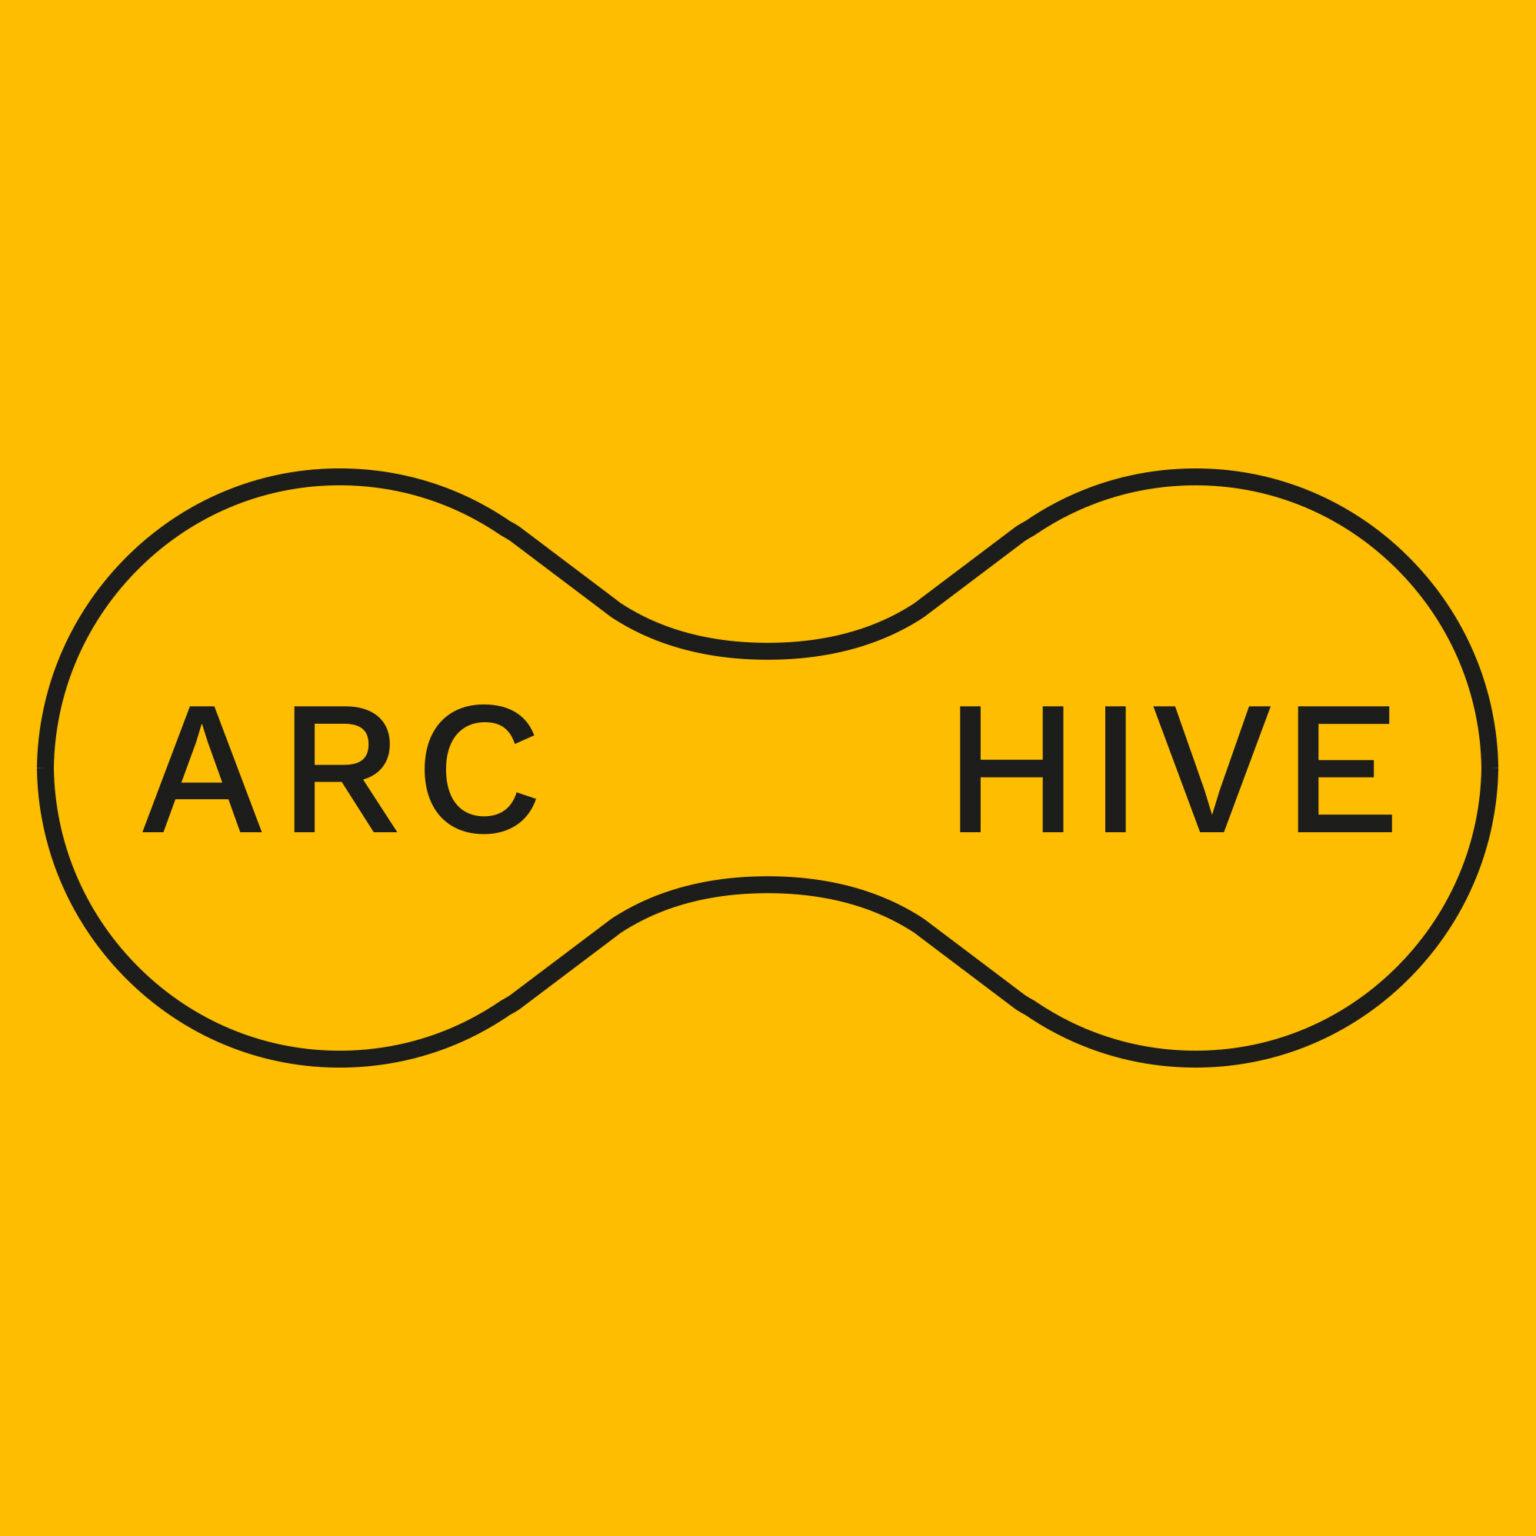 Logoarc hive 1536x1536